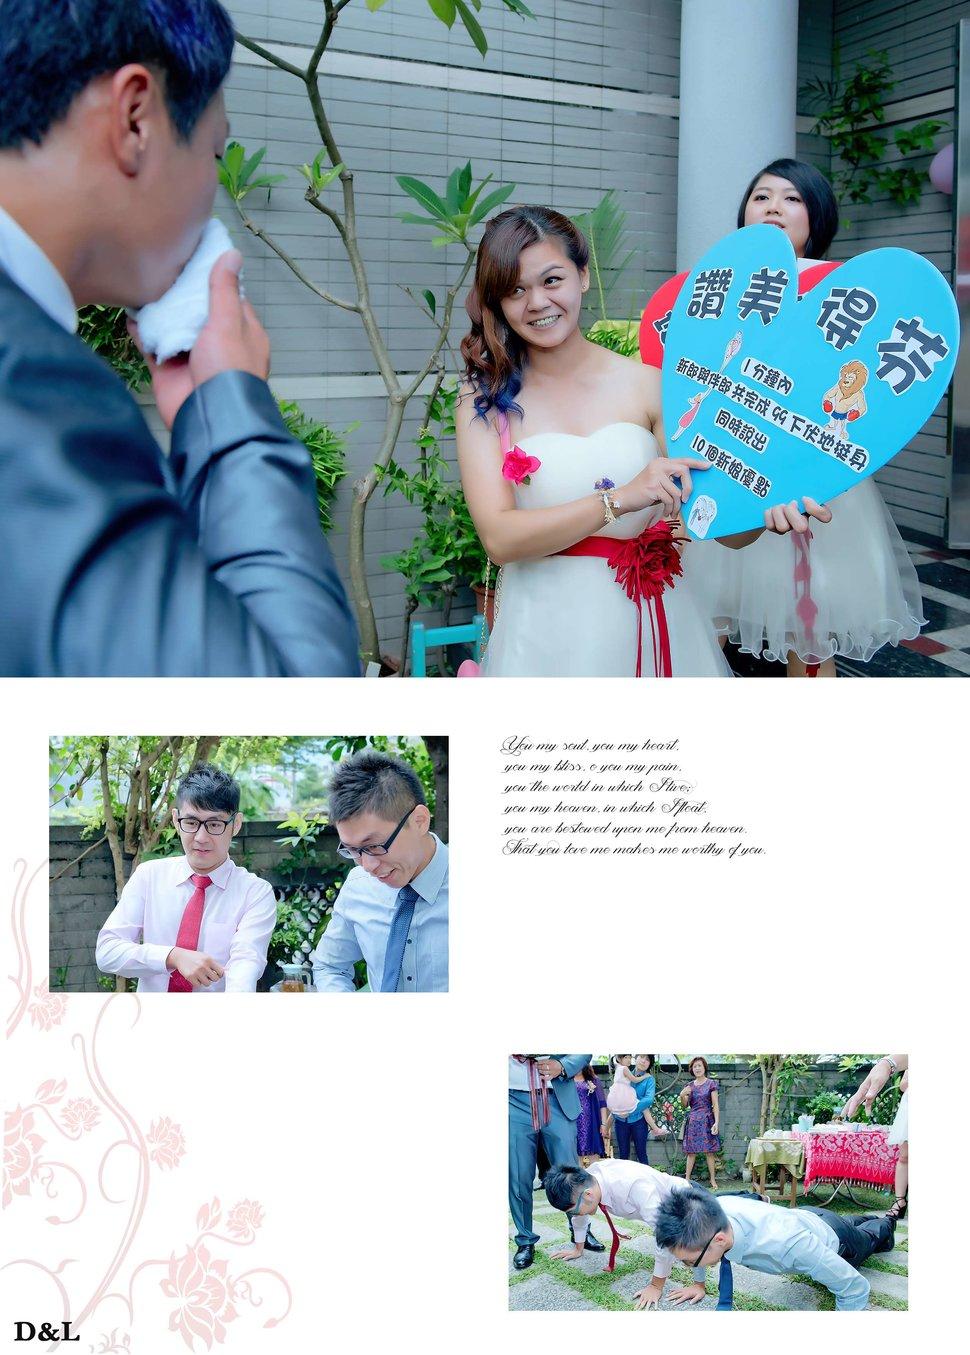 雲林婚攝 婚禮紀錄 敬添&綉芬 喜洋洋宴會廳雲林(編號:253231) - D&L 婚禮事務-婚紗攝影/婚禮記錄 - 結婚吧